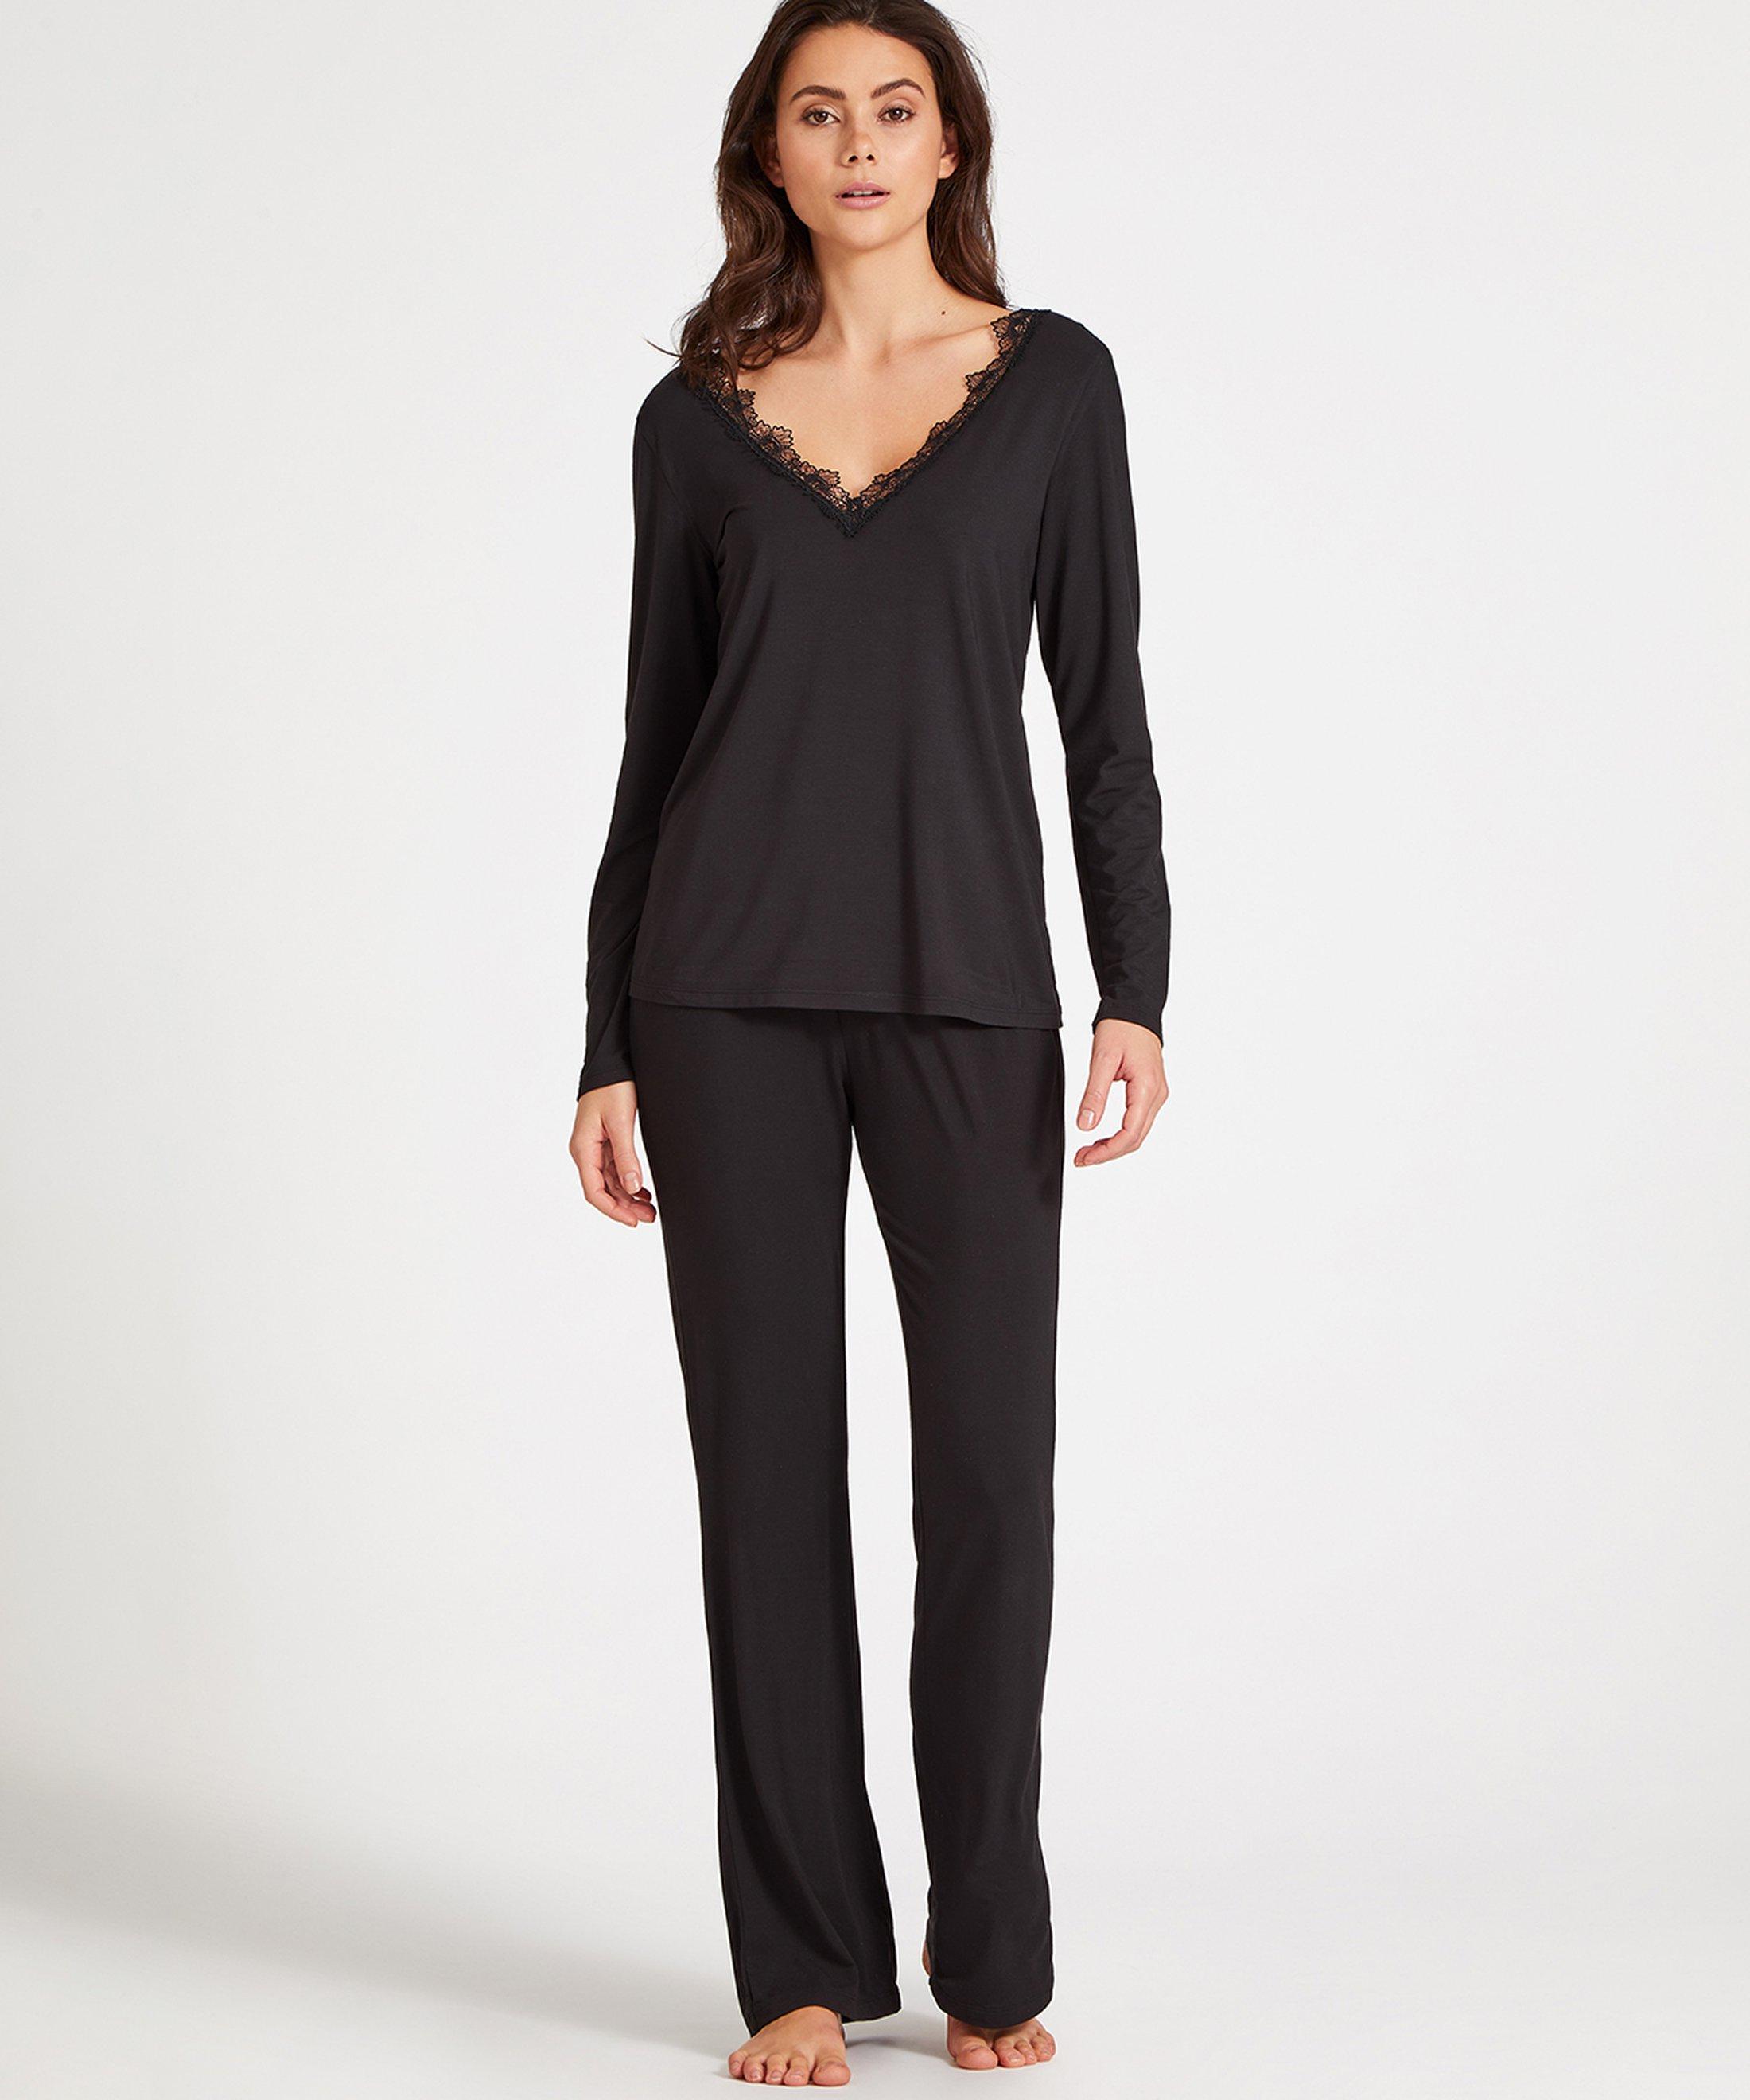 SWEET BLISS Modal pants Black | Aubade